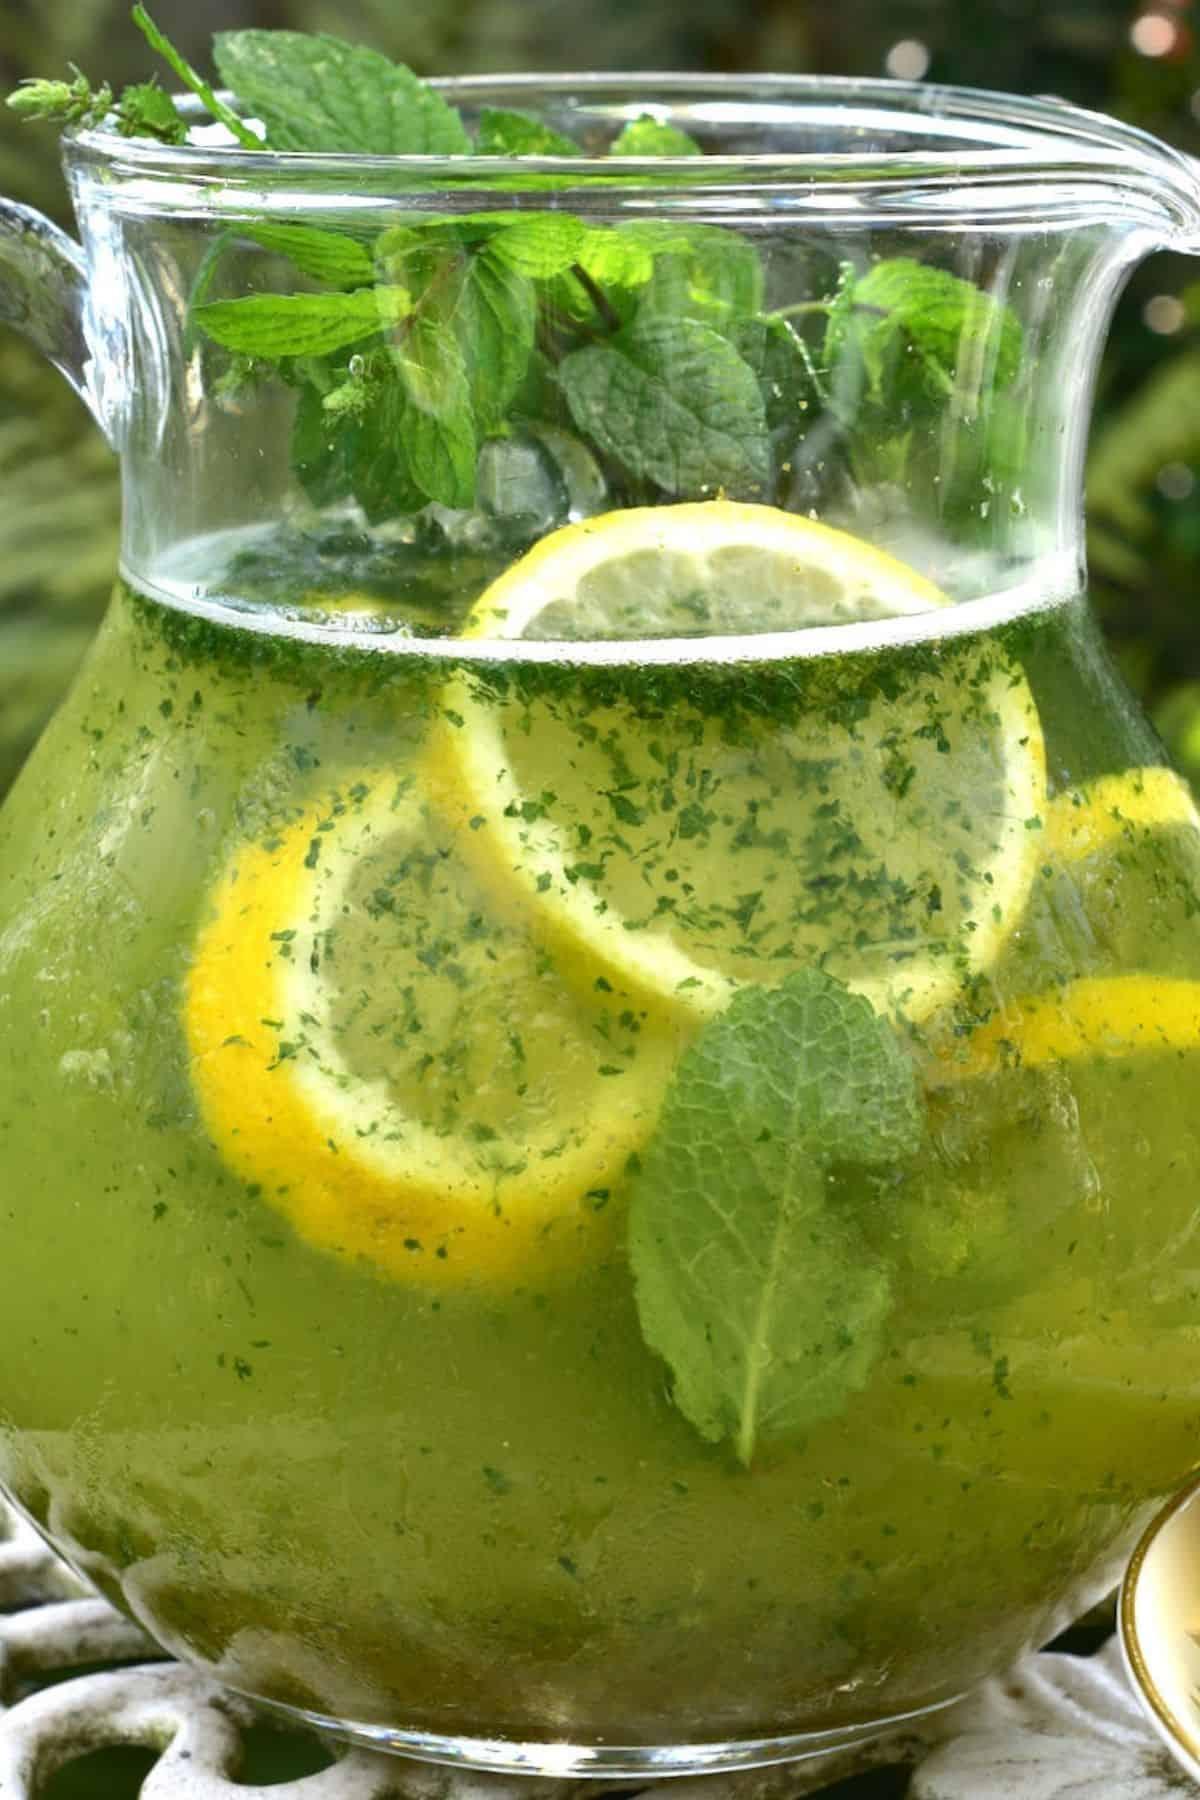 Mint lemonade in a pitcher